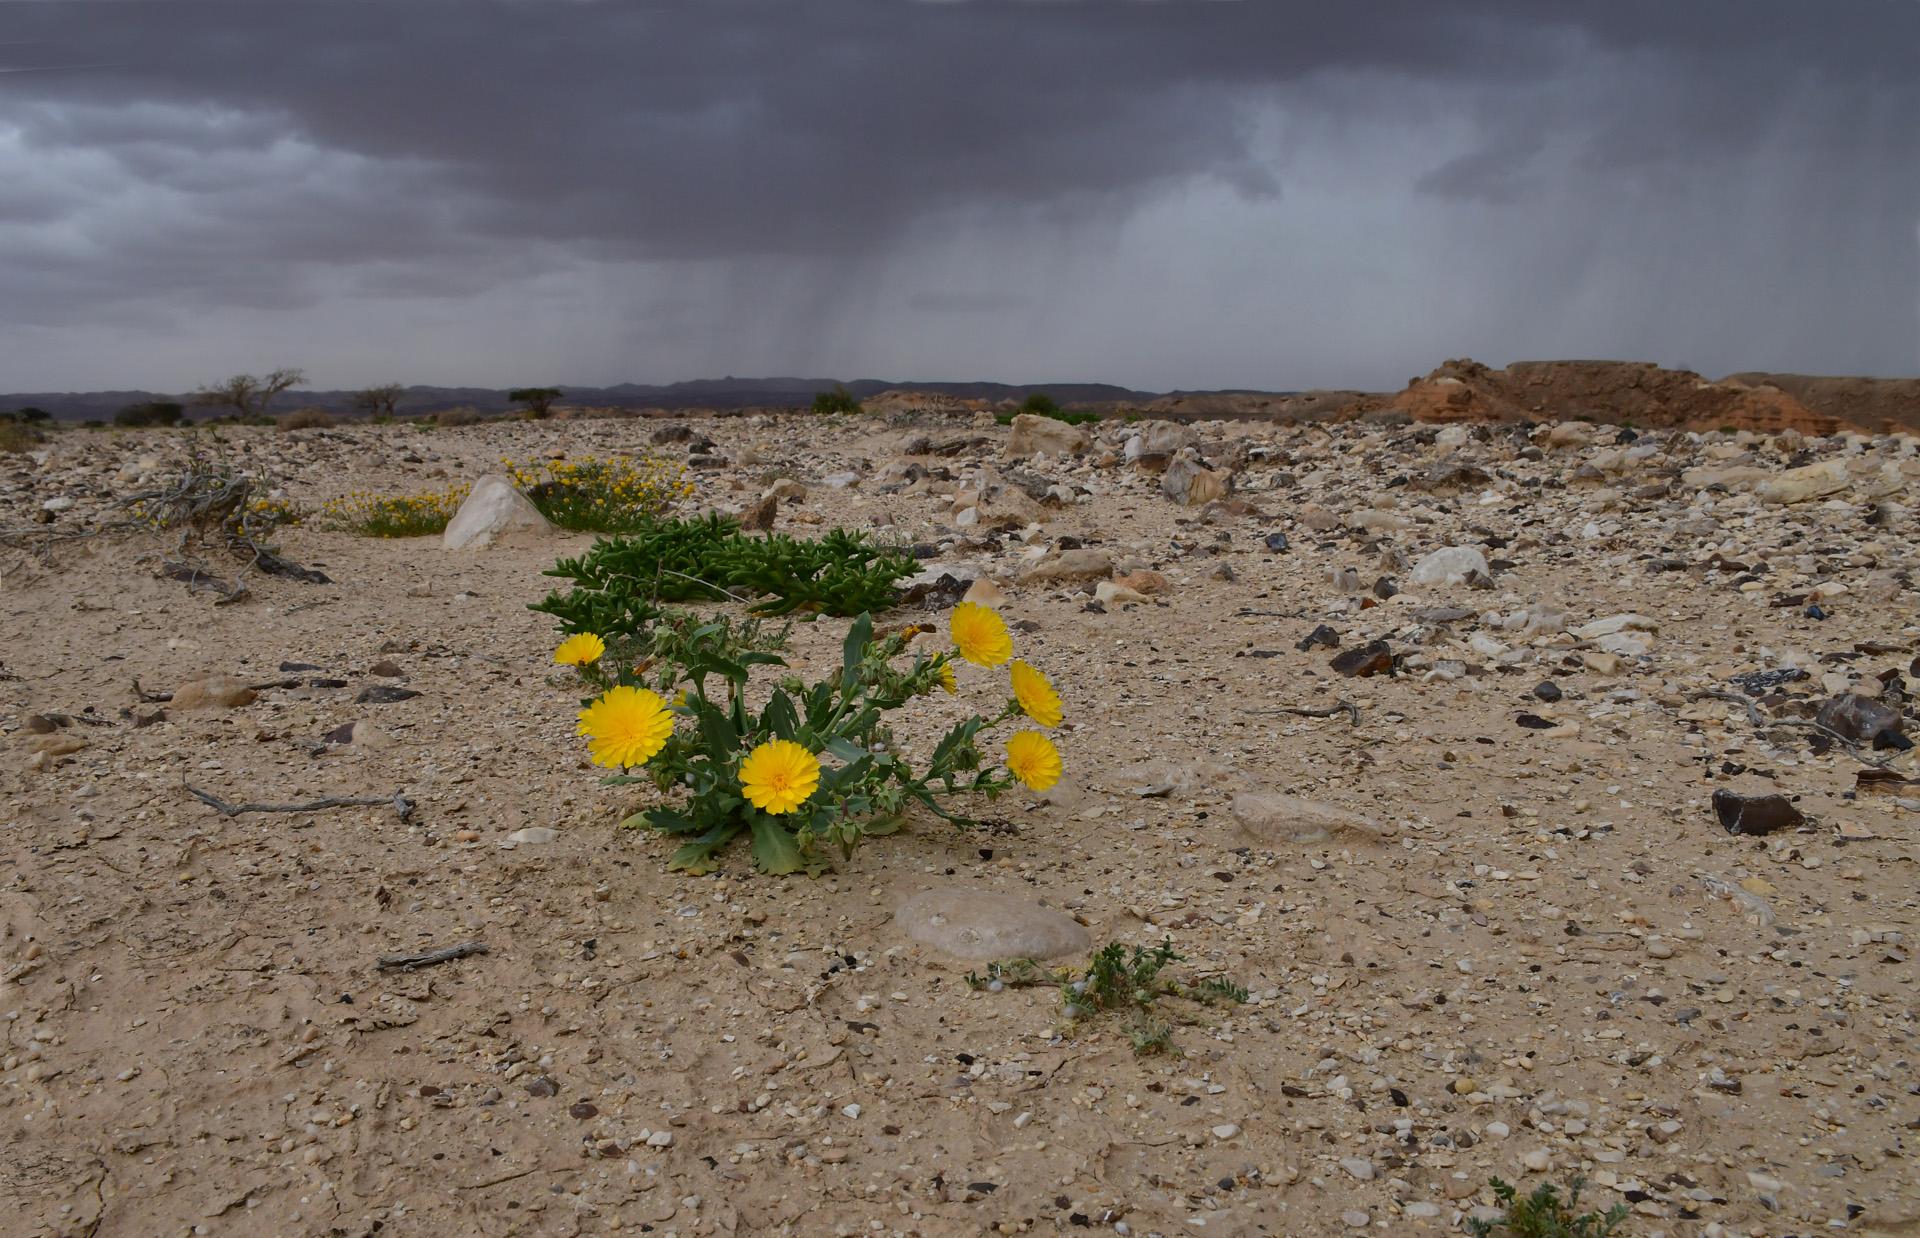 המדבר מדבר - ערבה - יואל שתרוג - אדמה יוצרת - yoel sitruk